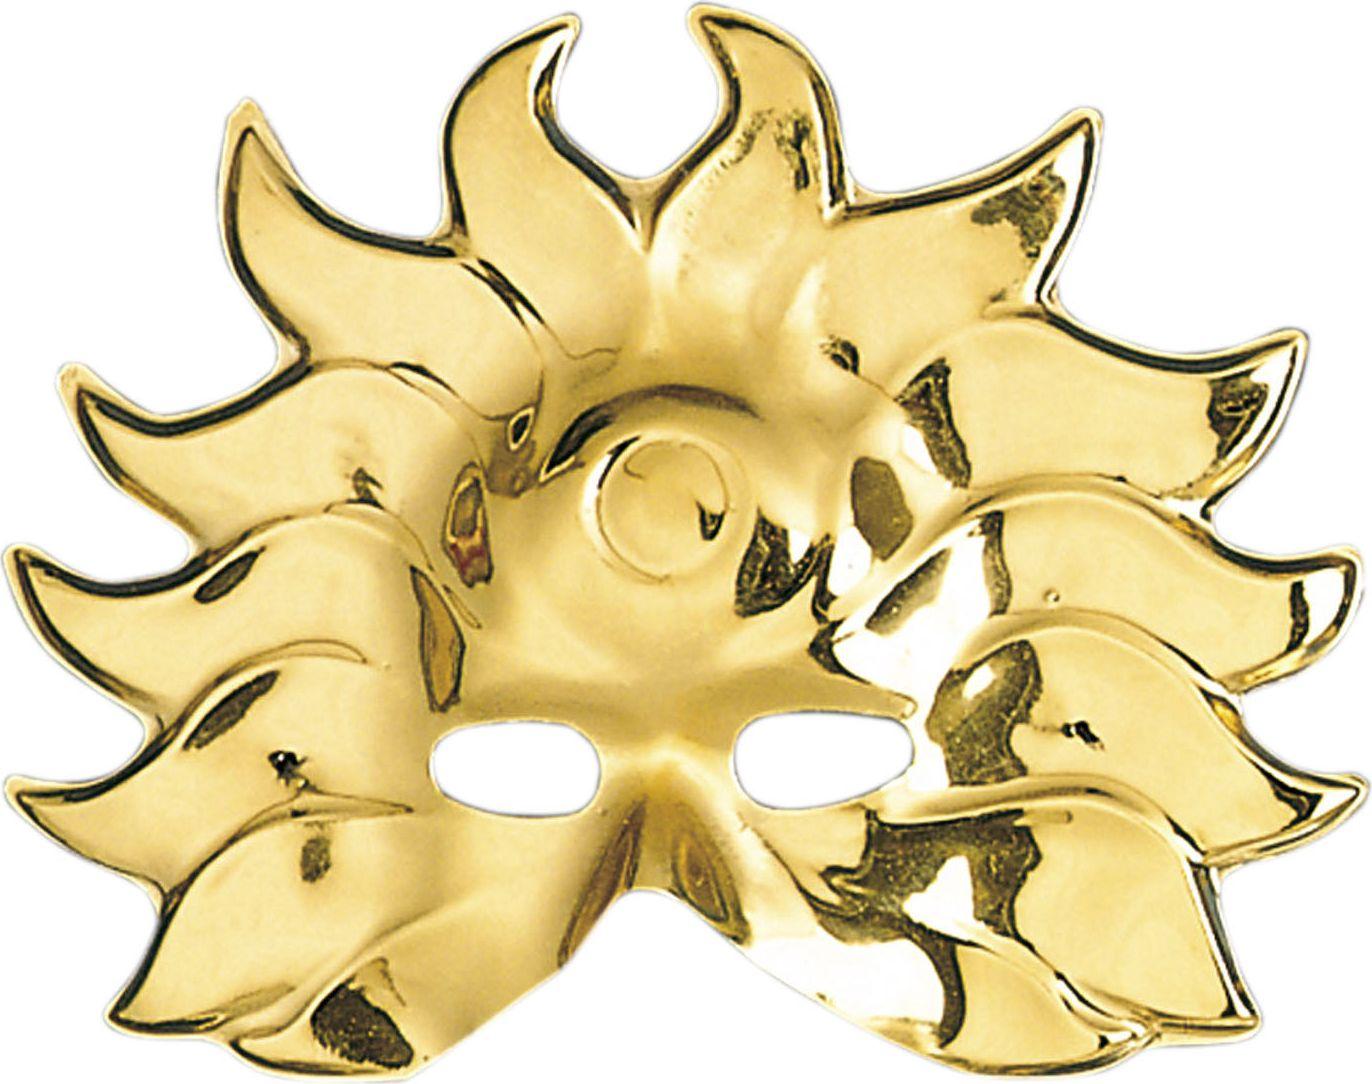 Venetiaans carnaval masker goud